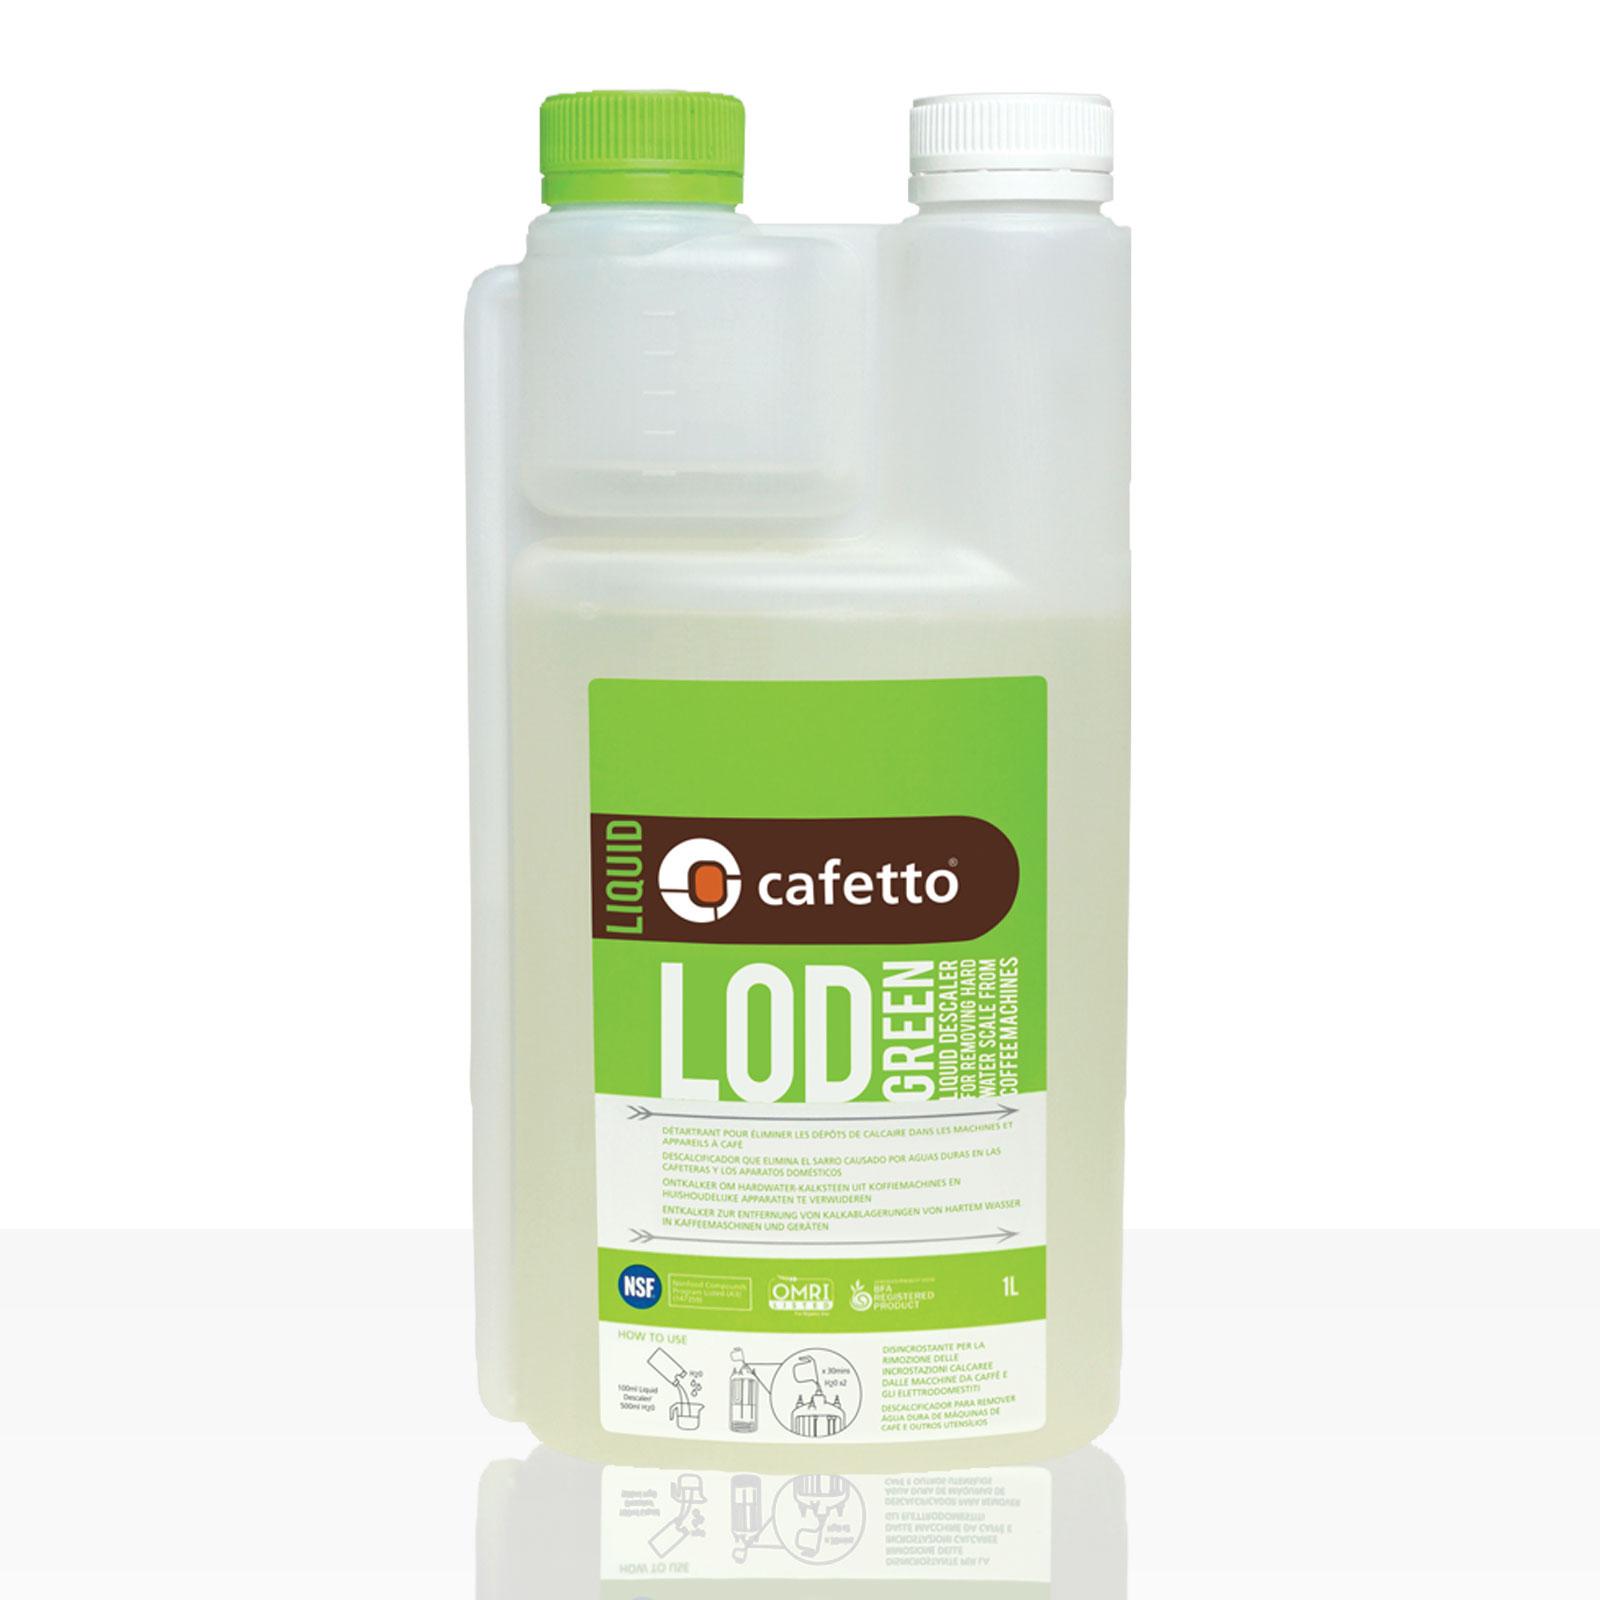 Cafetto LOD Grün flüssiger Entkalker 1 Liter, rein organisch